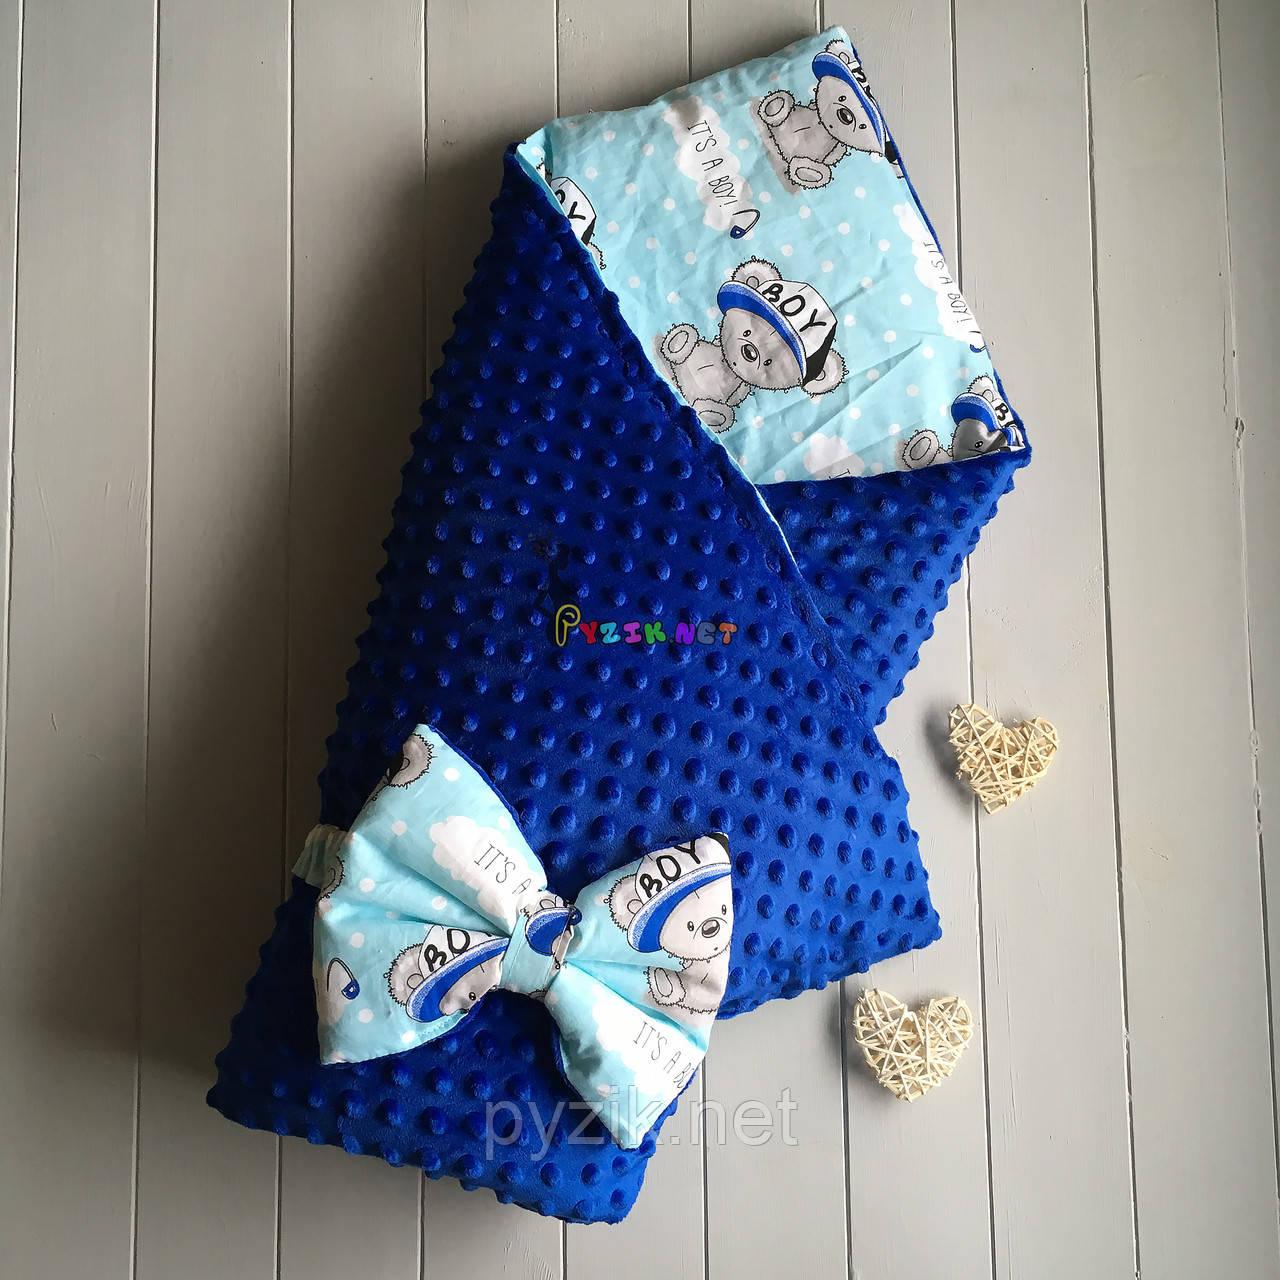 Красивые одеяла на выписку для новорожденных